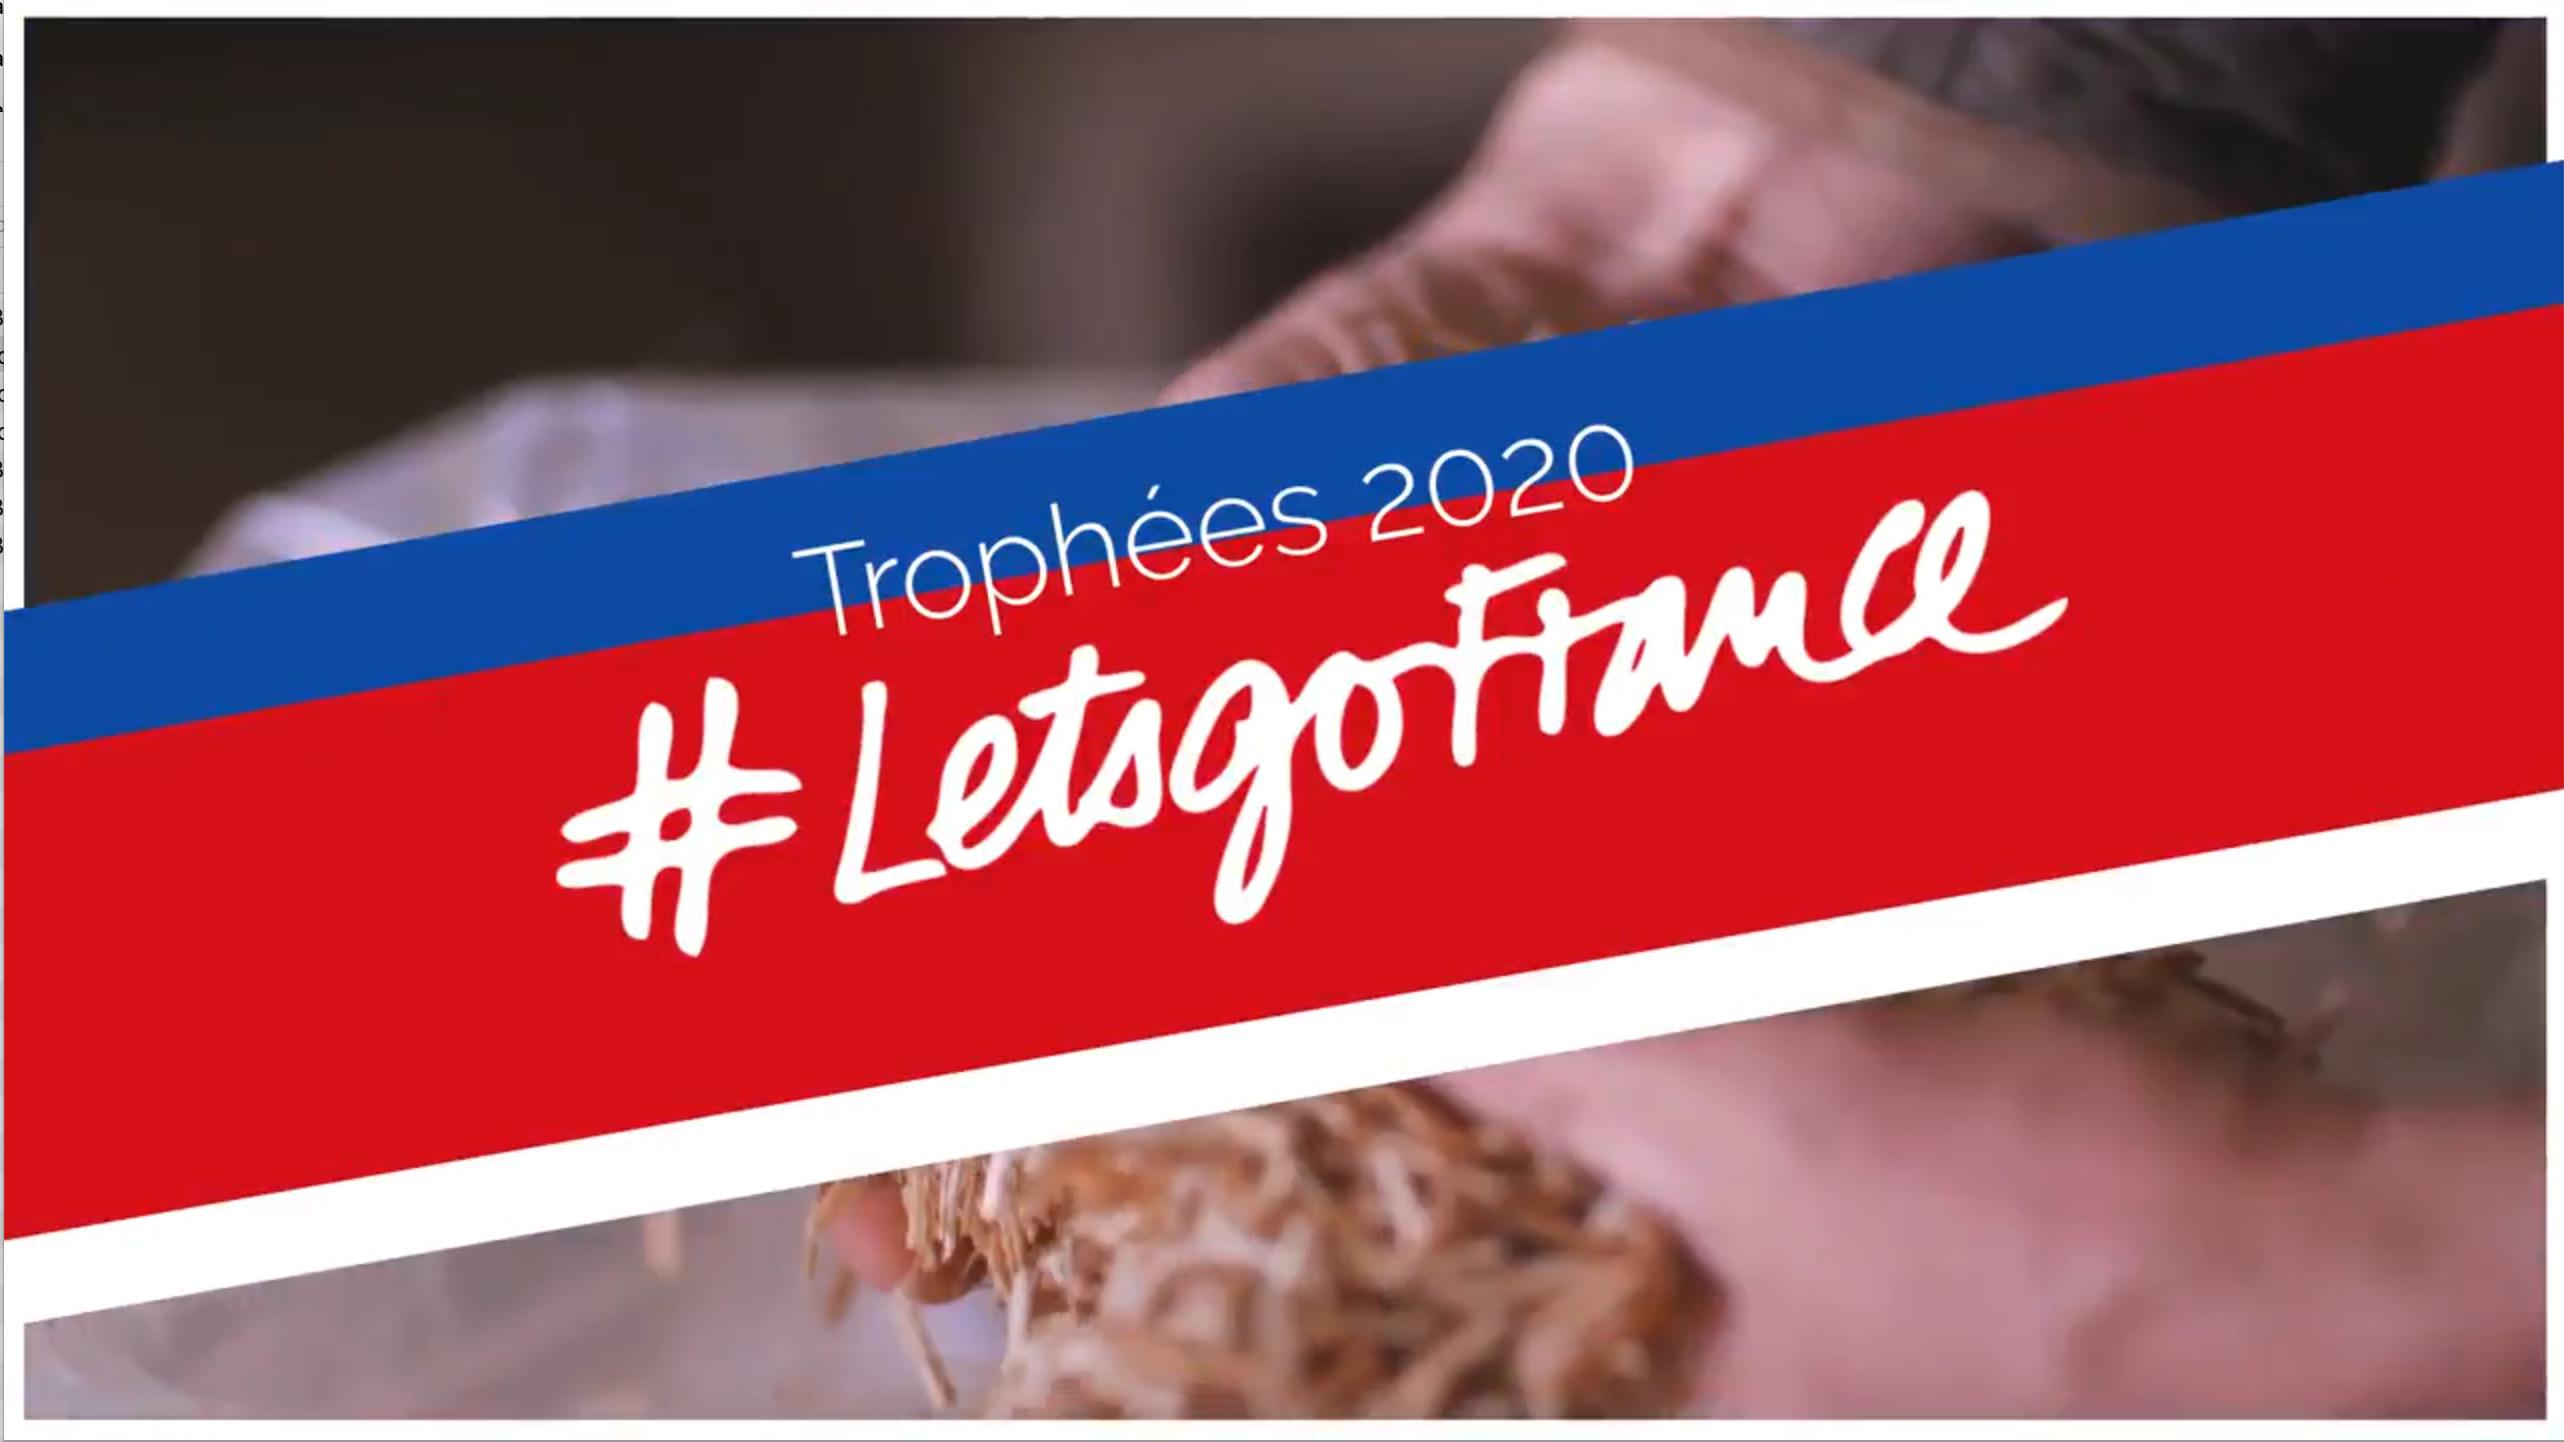 Vidéo polybiom trophée let's go france